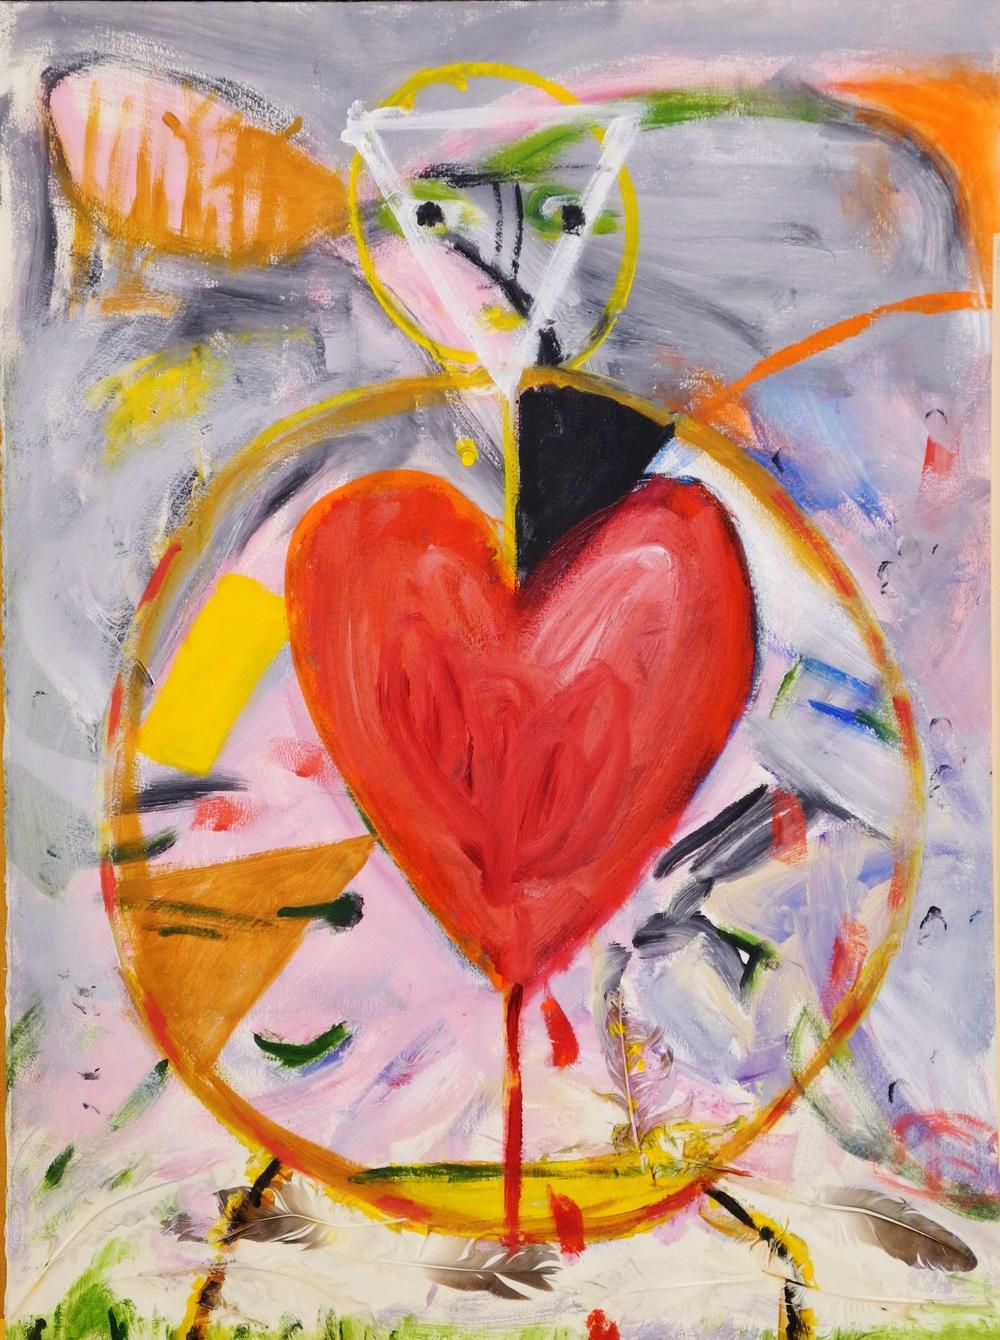 Kittie Bruneau, Flamboyant coeur, 2004